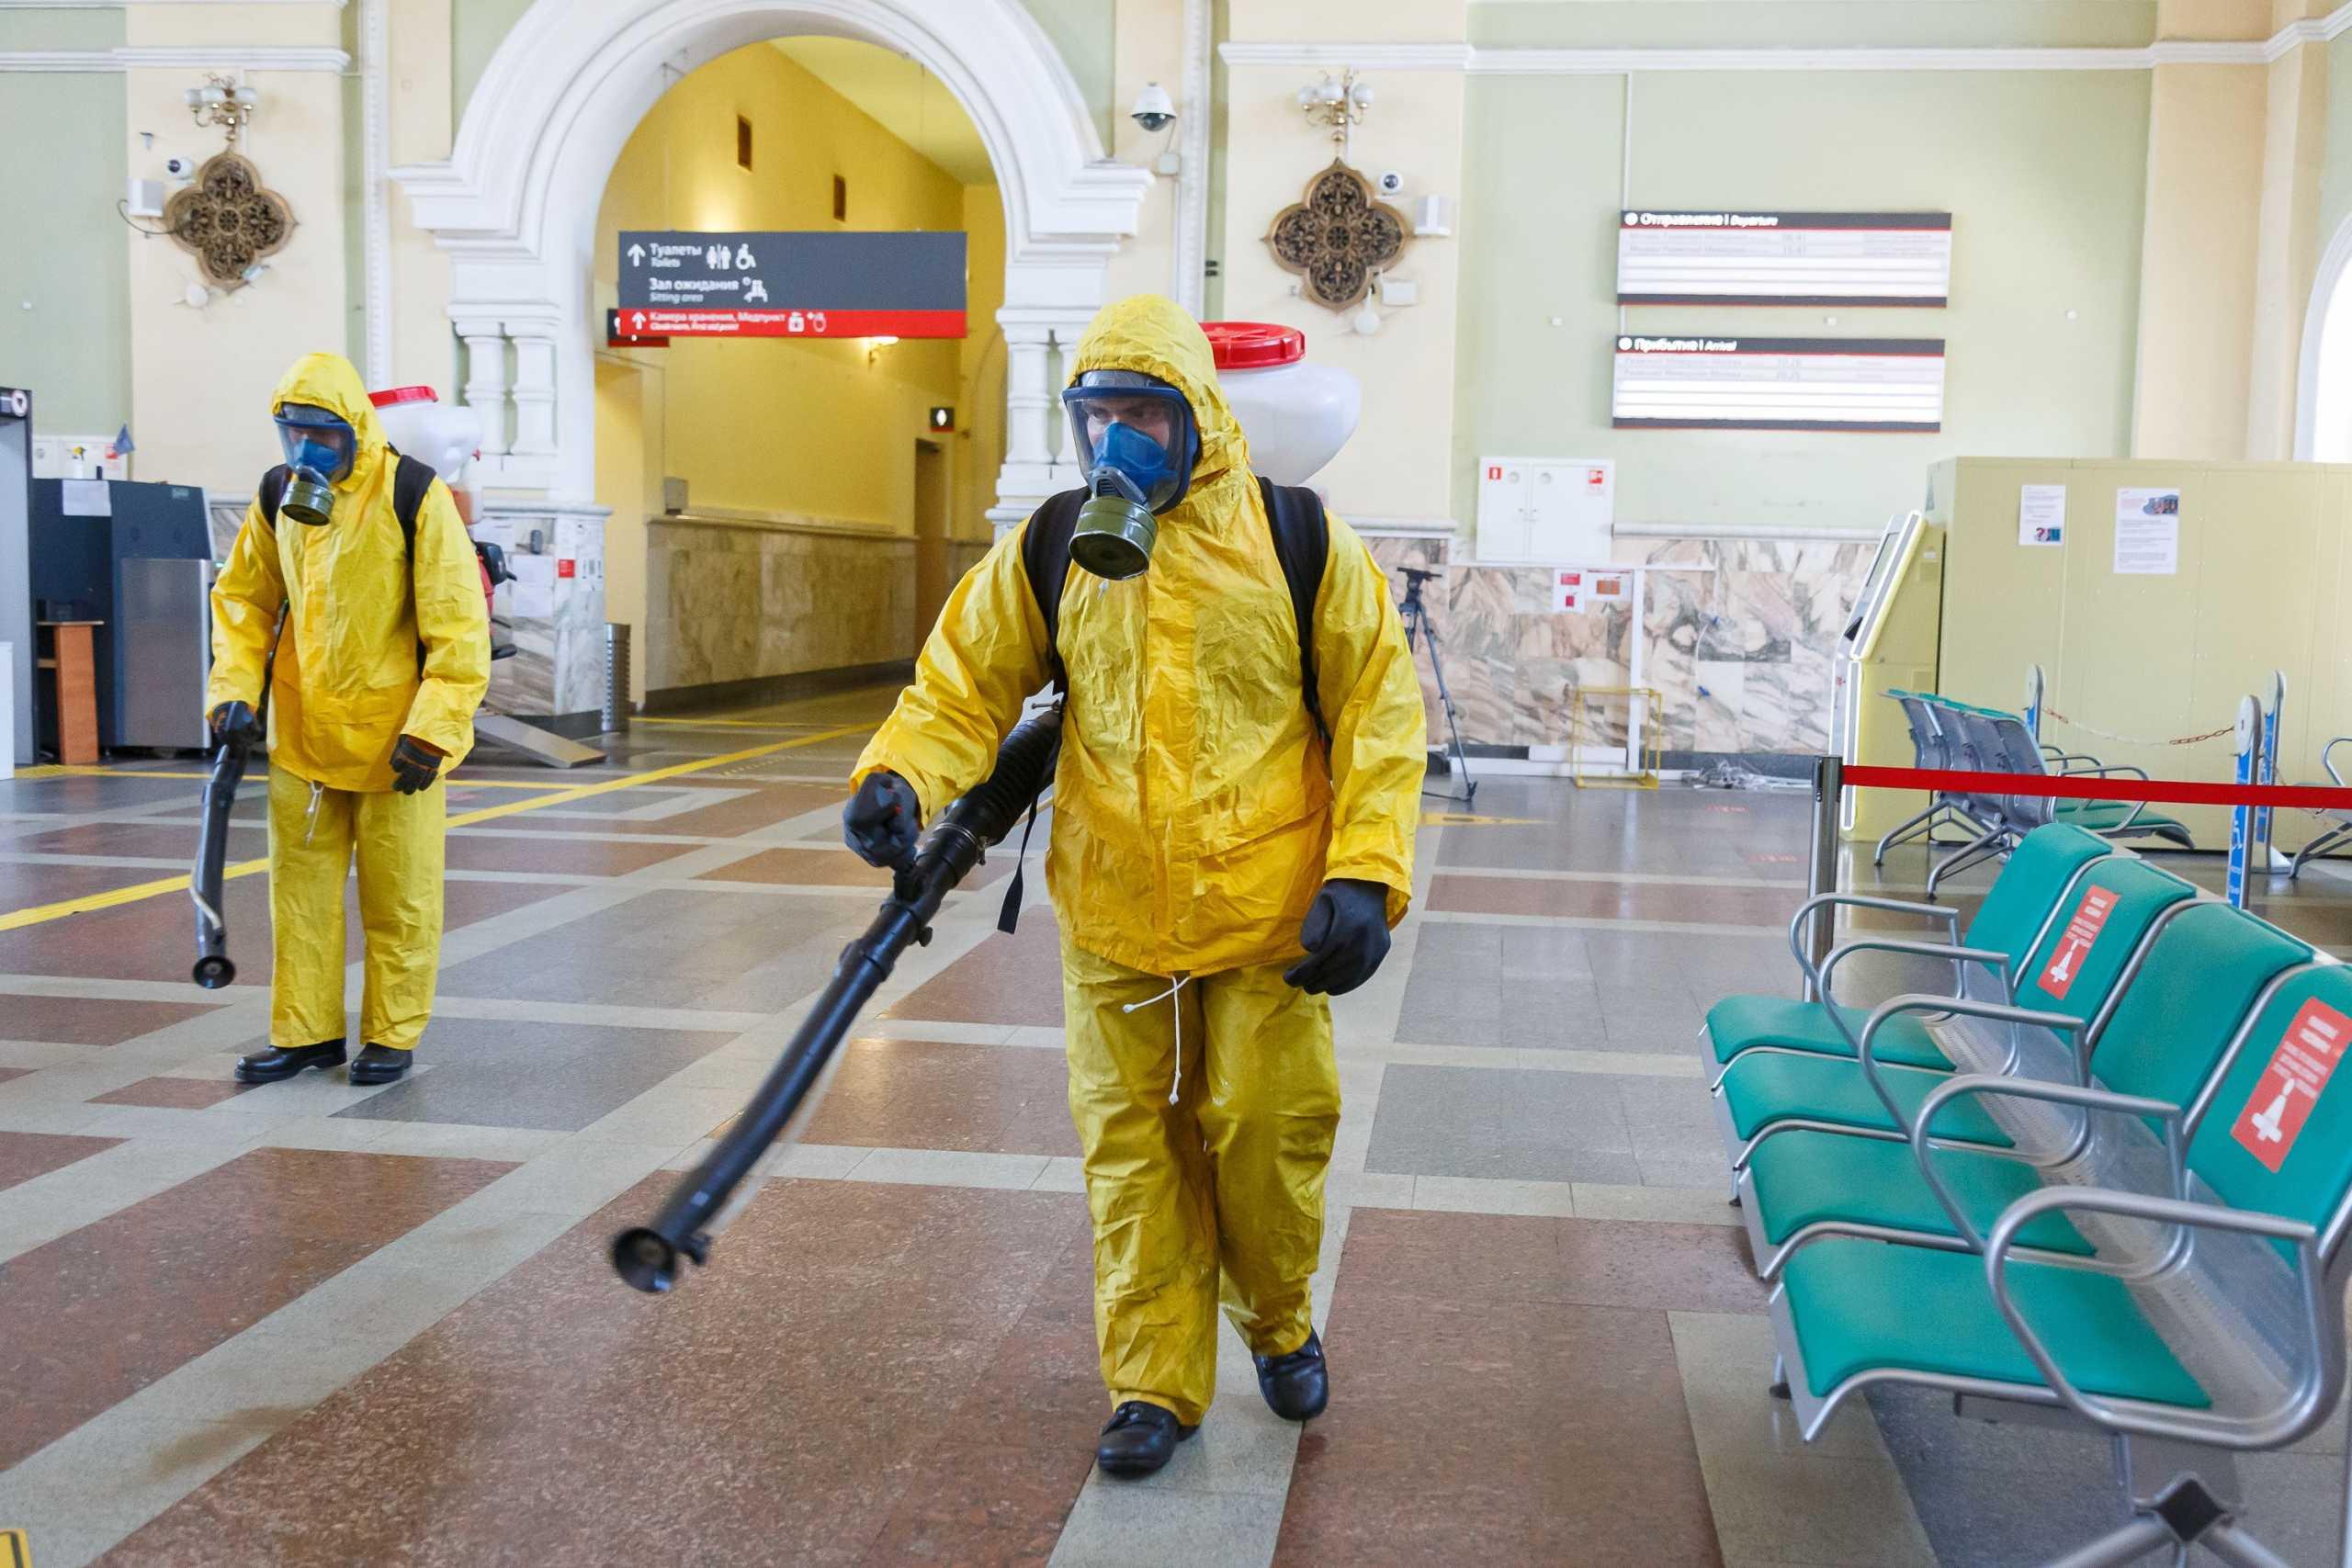 Κορονοϊός – Ρωσία: Το Κρεμλίνο προσπαθεί να δικαιολογήσει τη  νέα έκρηξη κρουσμάτων